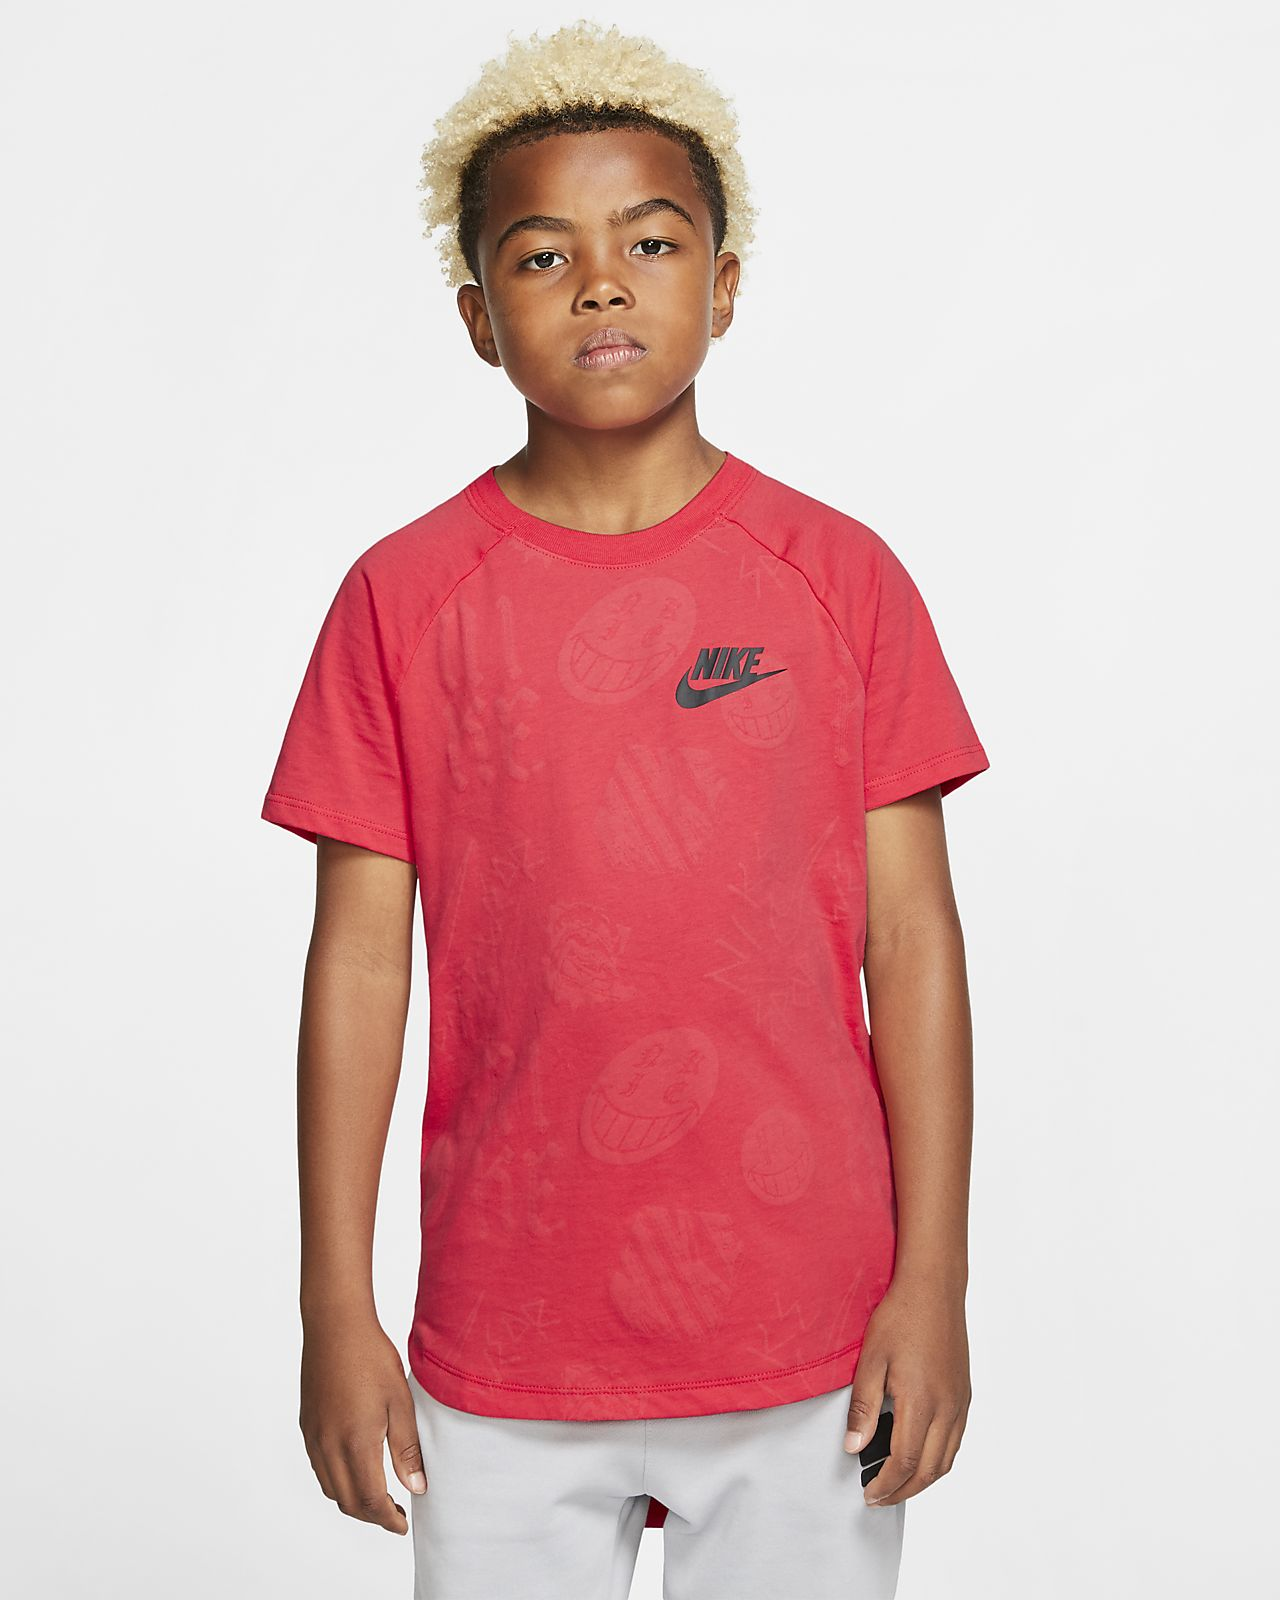 Nike Sportswear Older Kids' (Boys') Graphic Top